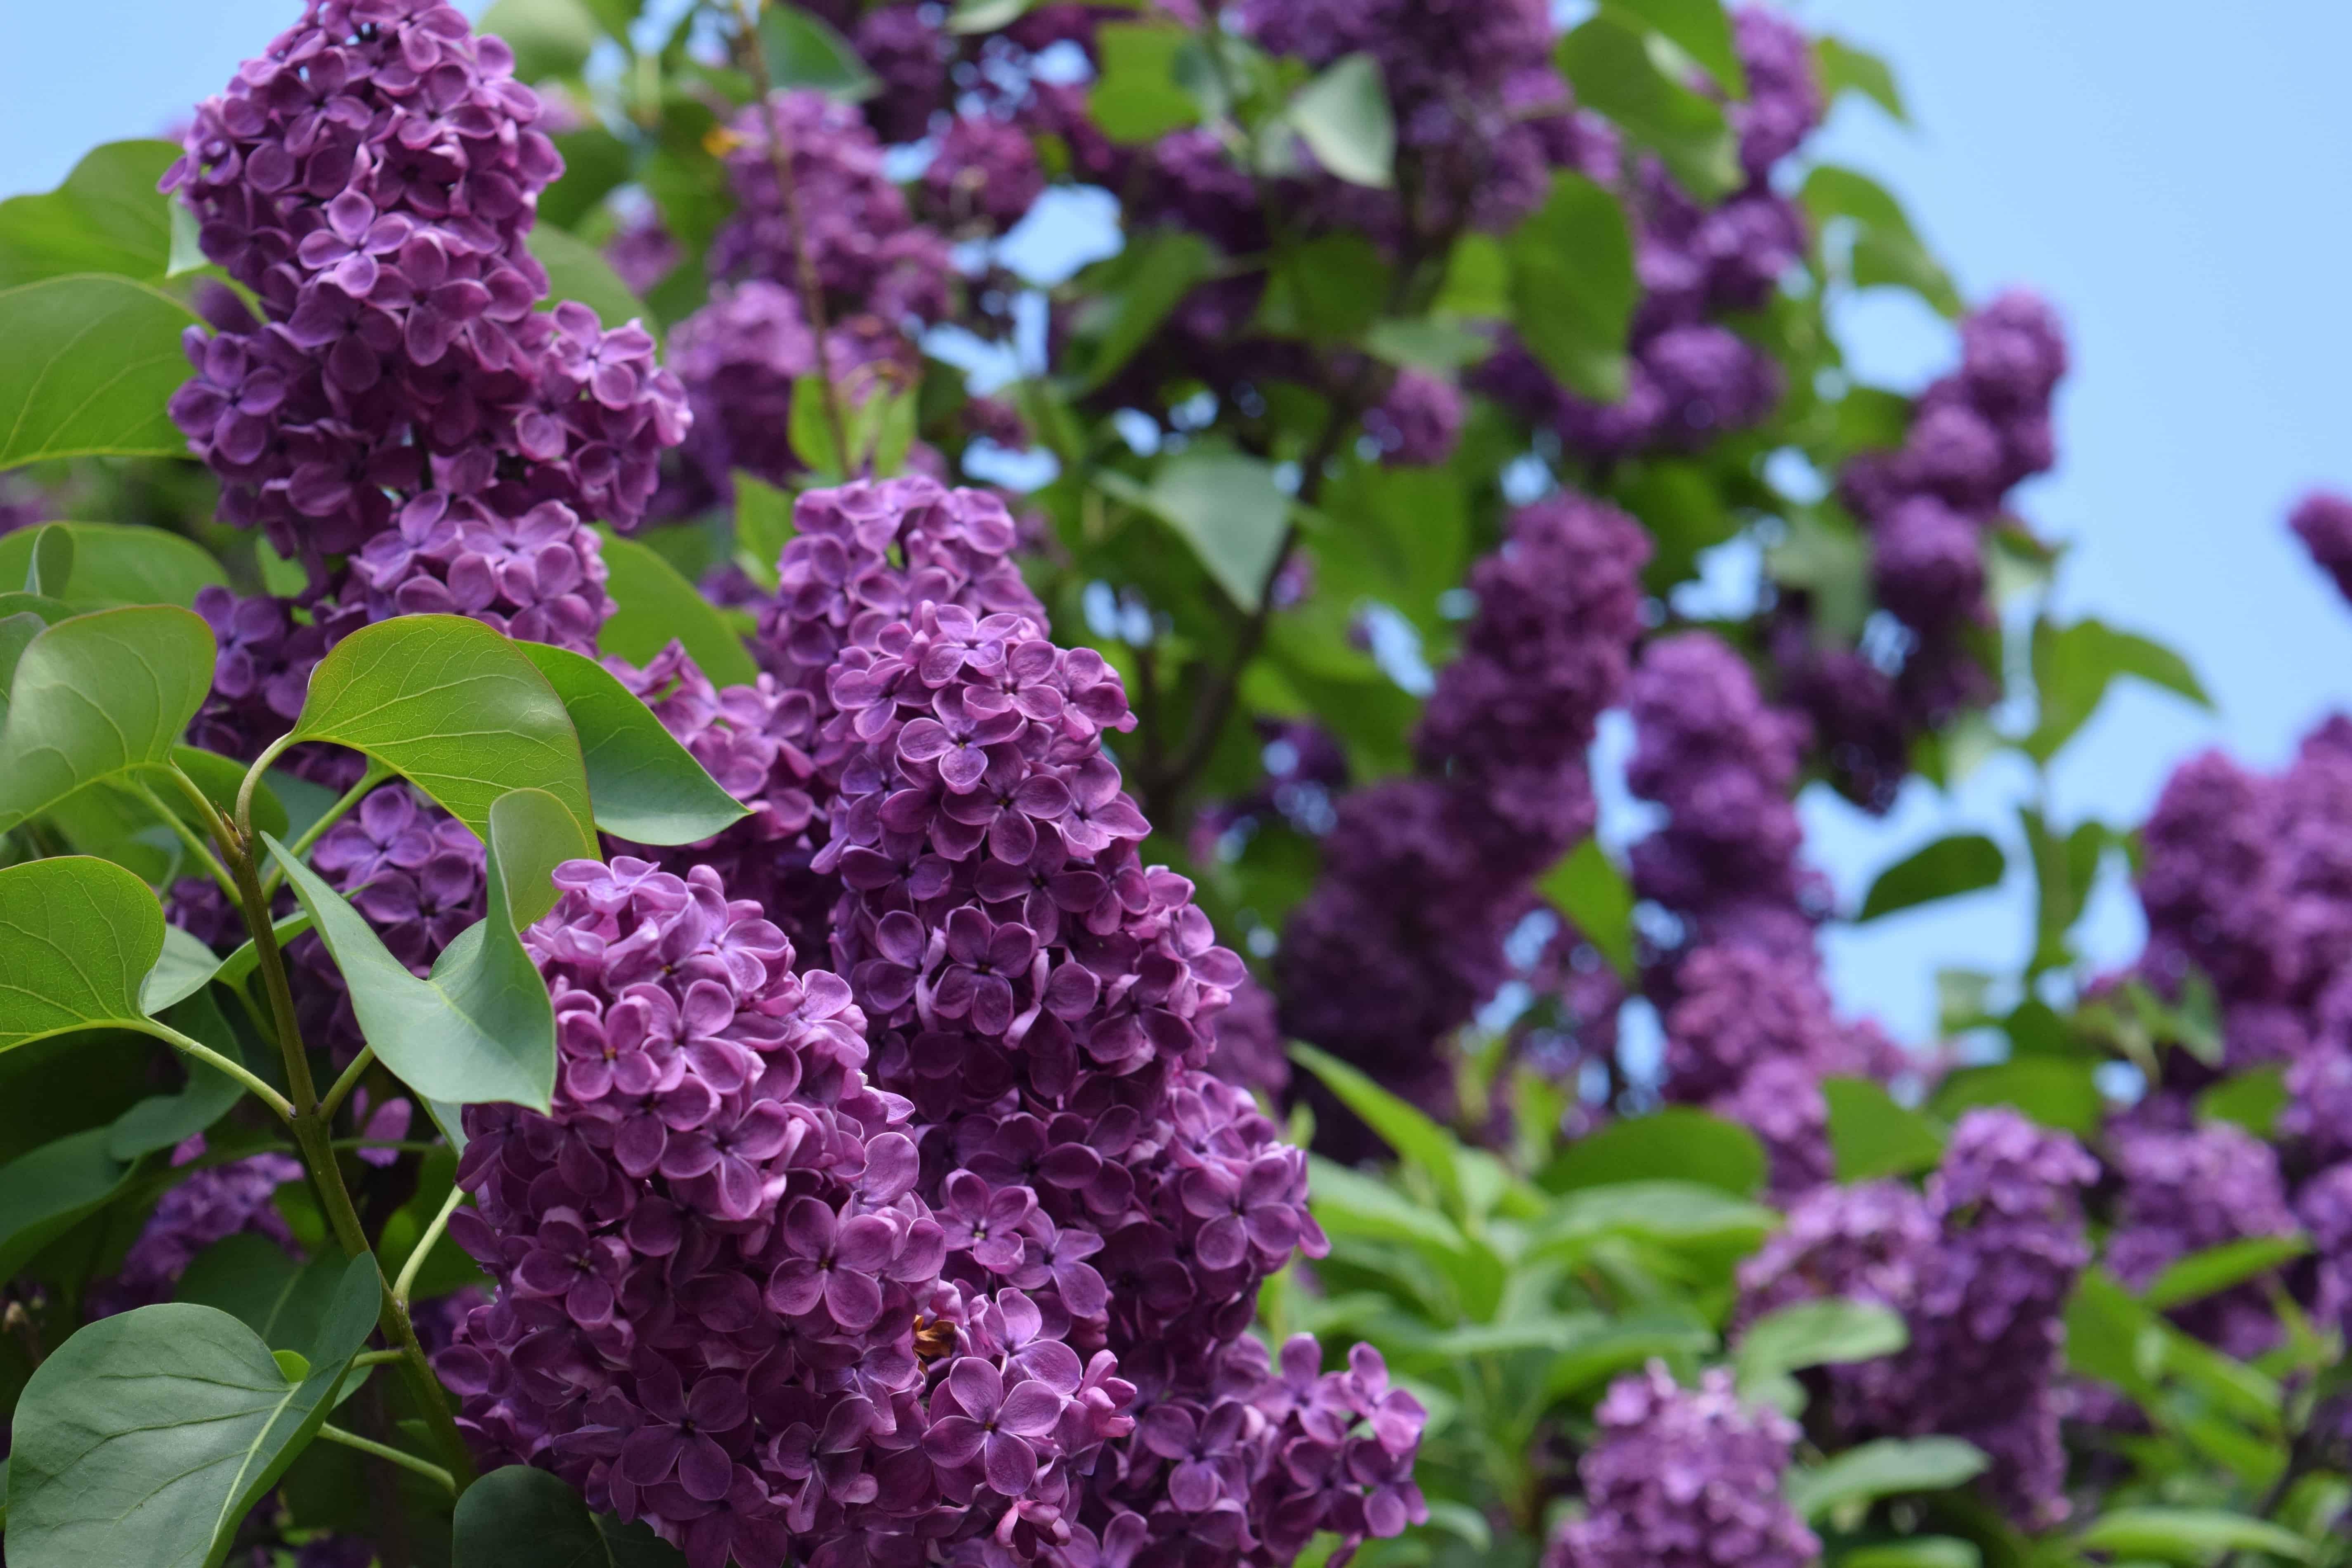 Image libre: arbuste, jardin, feuille, fleur, nature, été, flore, lilas